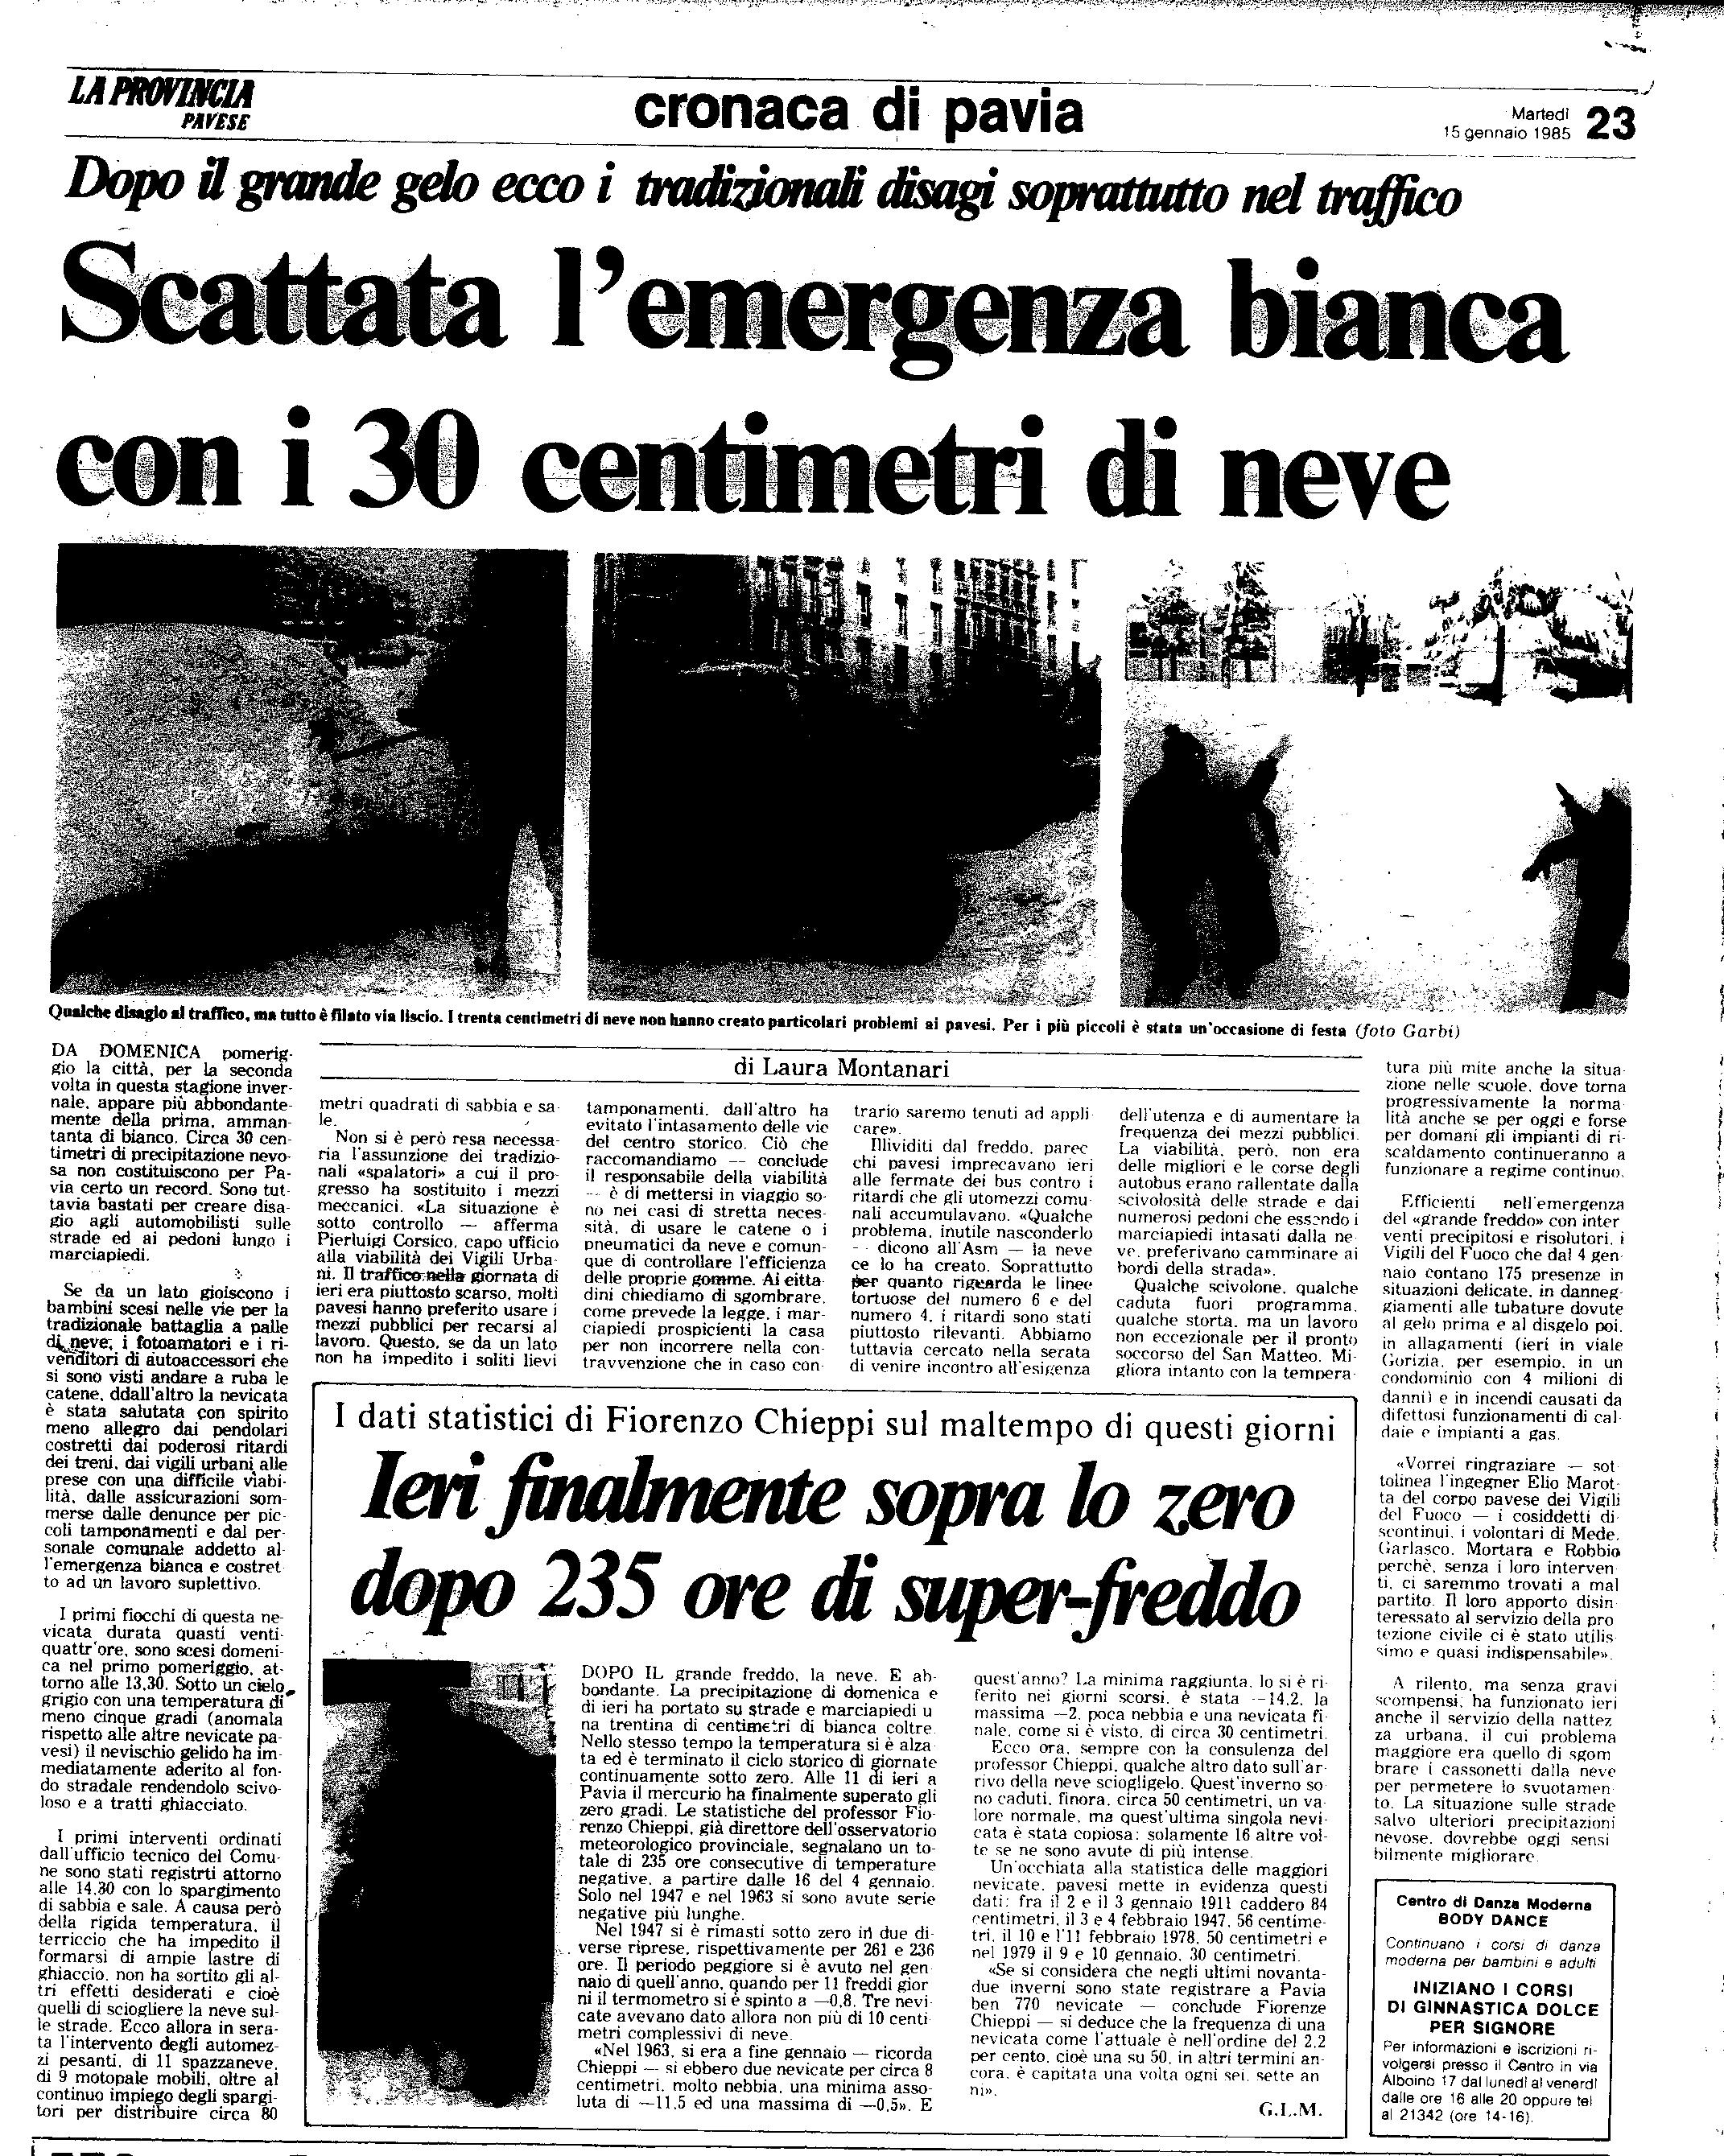 15 gennaio 1985